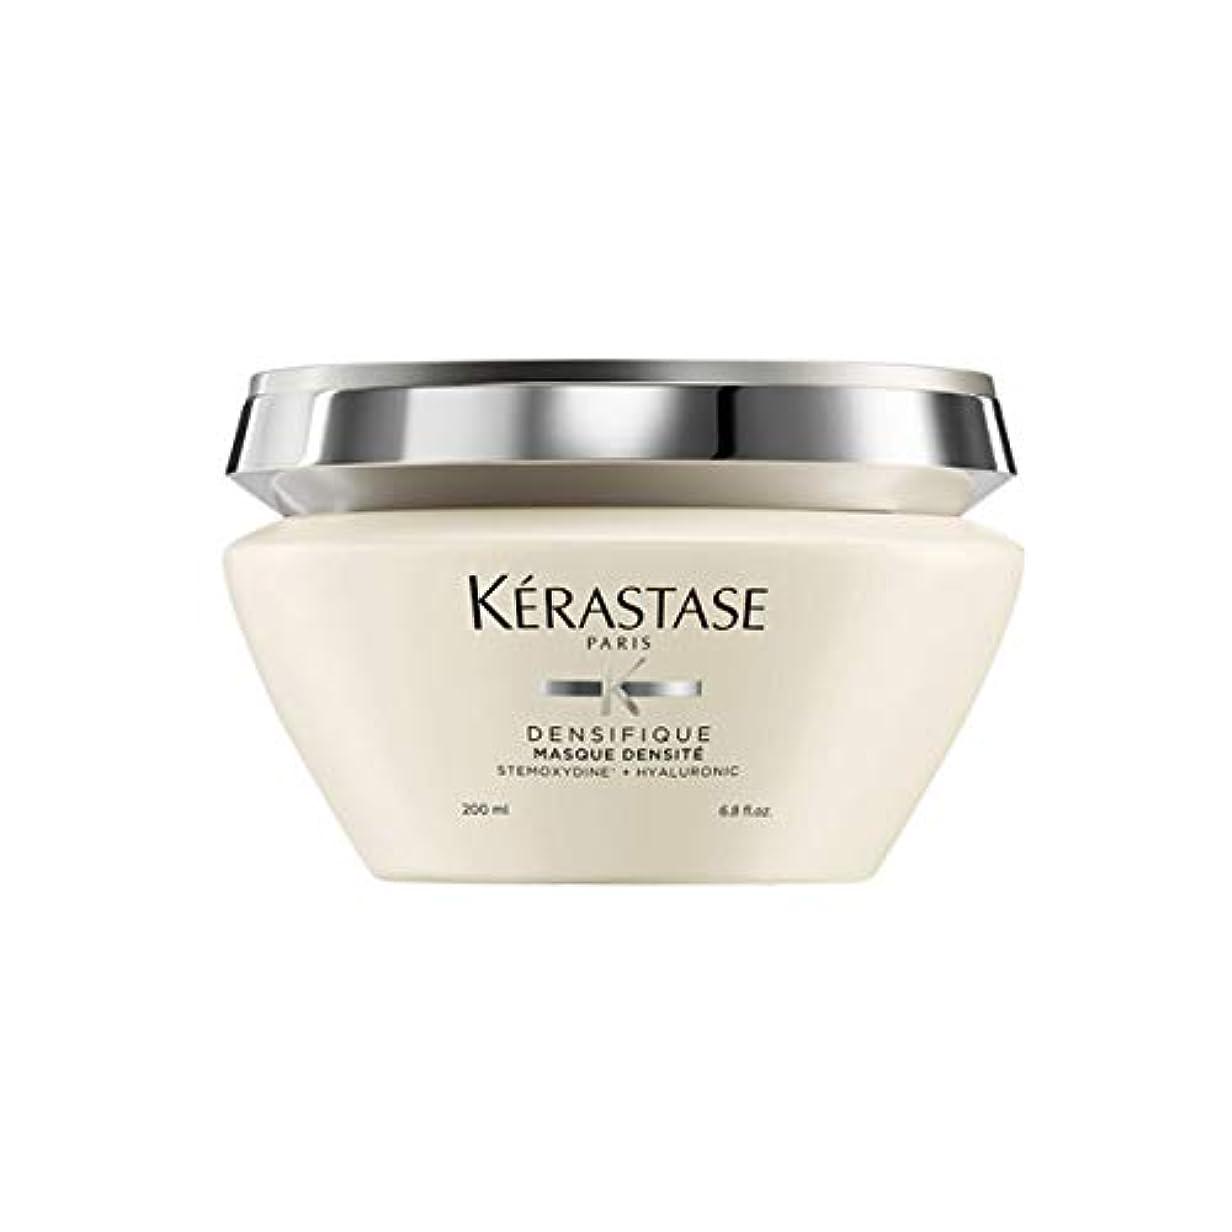 一般的に言えば泳ぐ承認KERASTASE(ケラスターゼ) DS マスク デンシフィック 200g